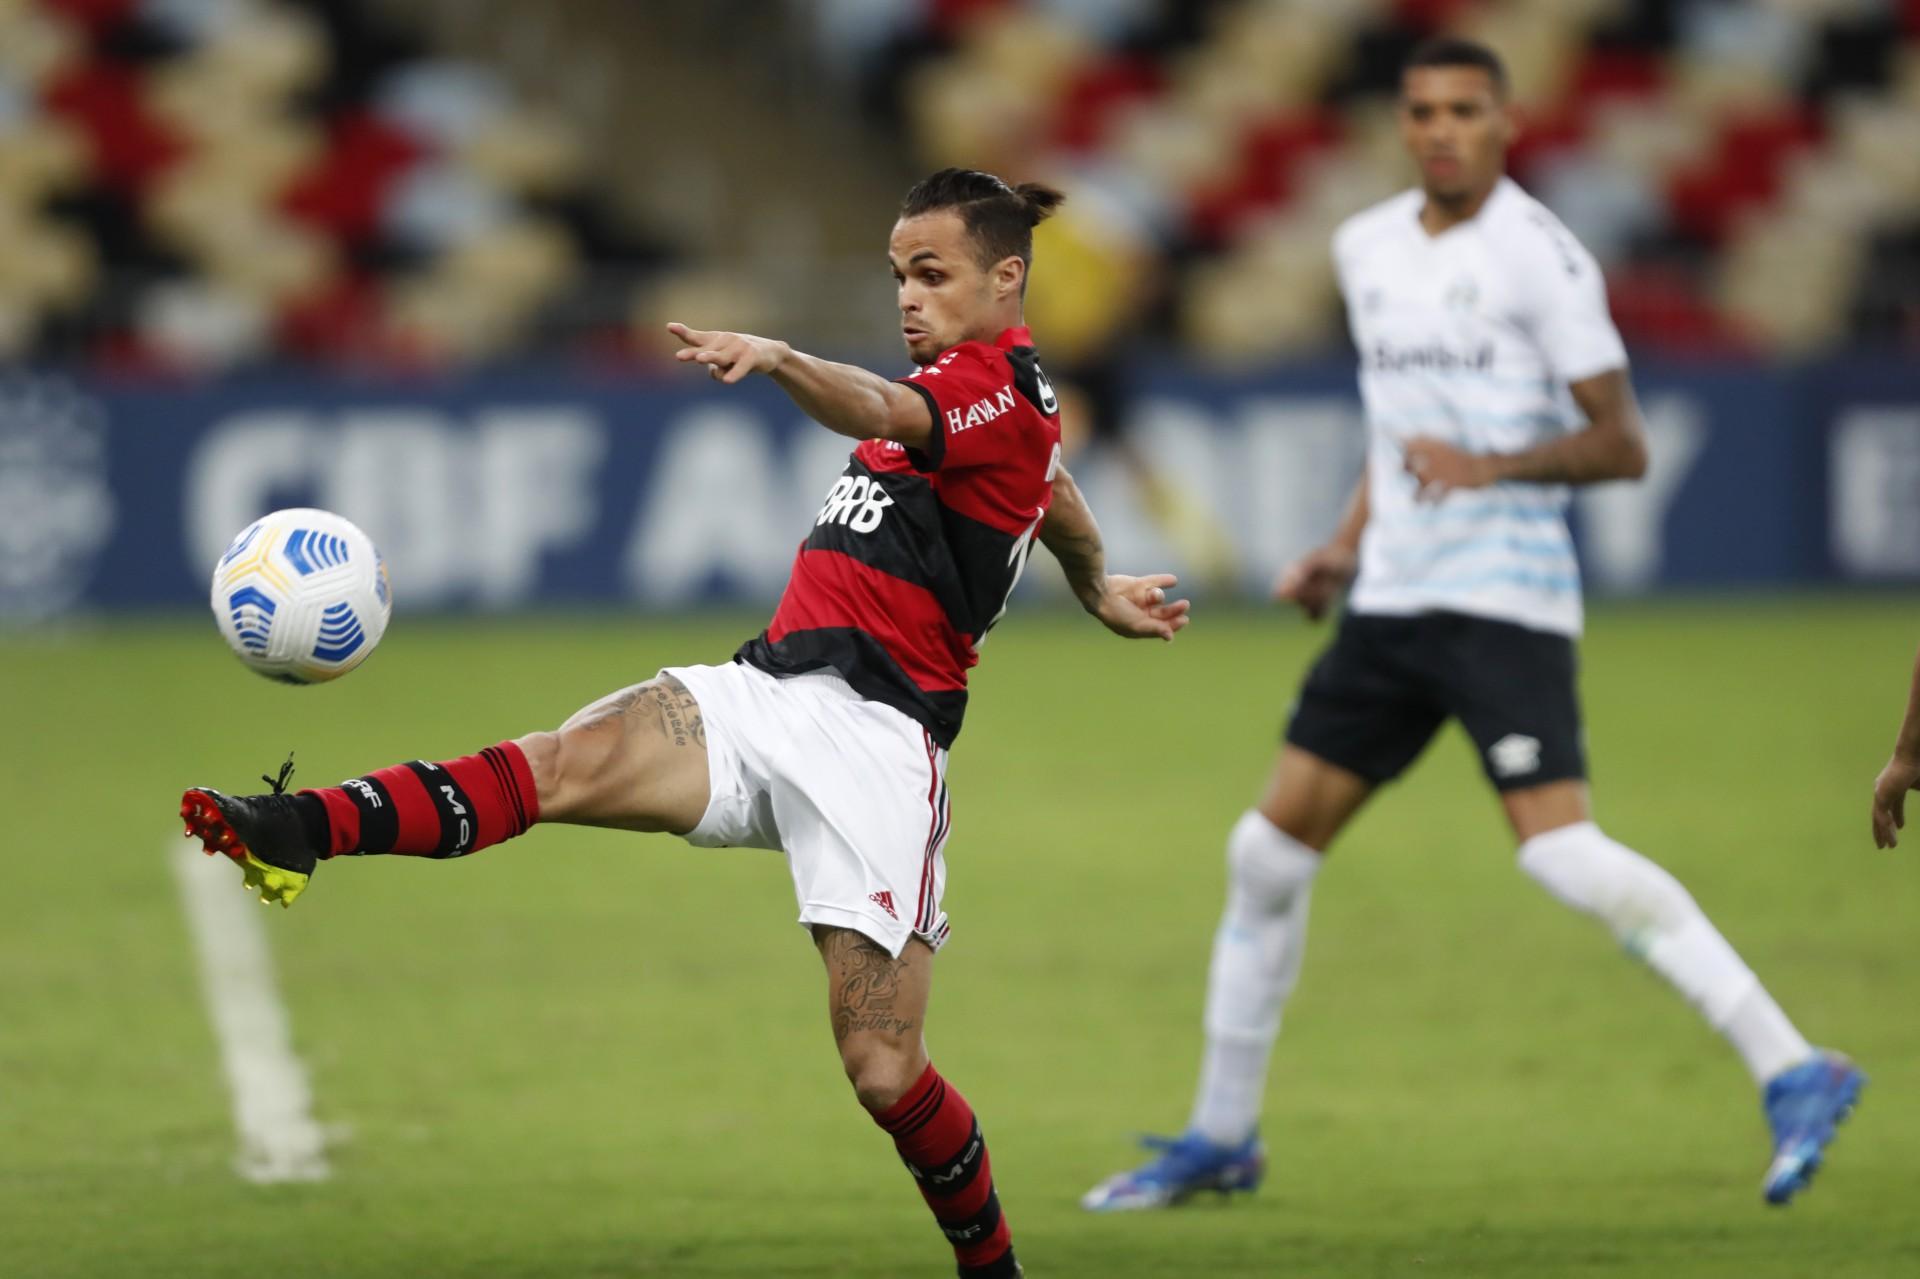 Derrota para o Grêmio reduz chances de título do Flamengo no Campeonato Brasileiro